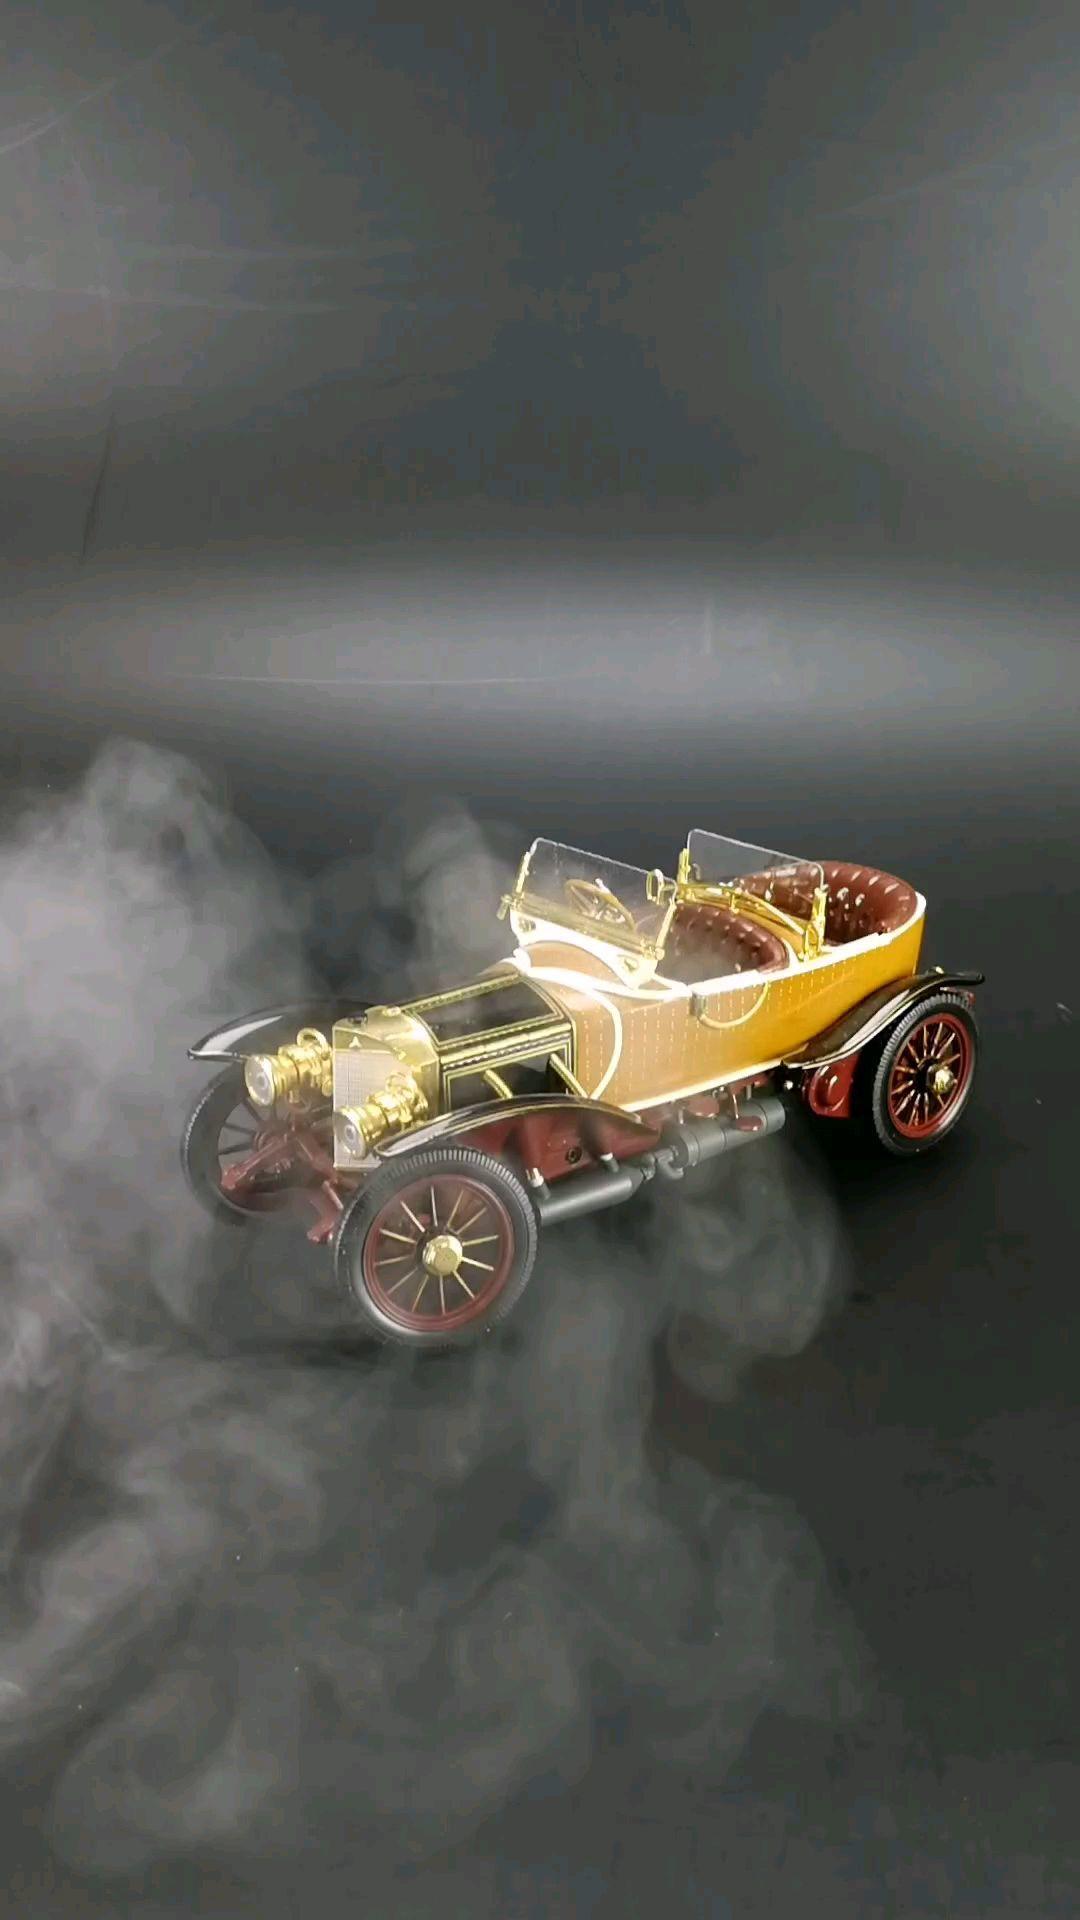 1911梅赛德斯林宝迪特船尾型木头车身跑车。1:24比例东晓汽车模型收藏馆藏品。